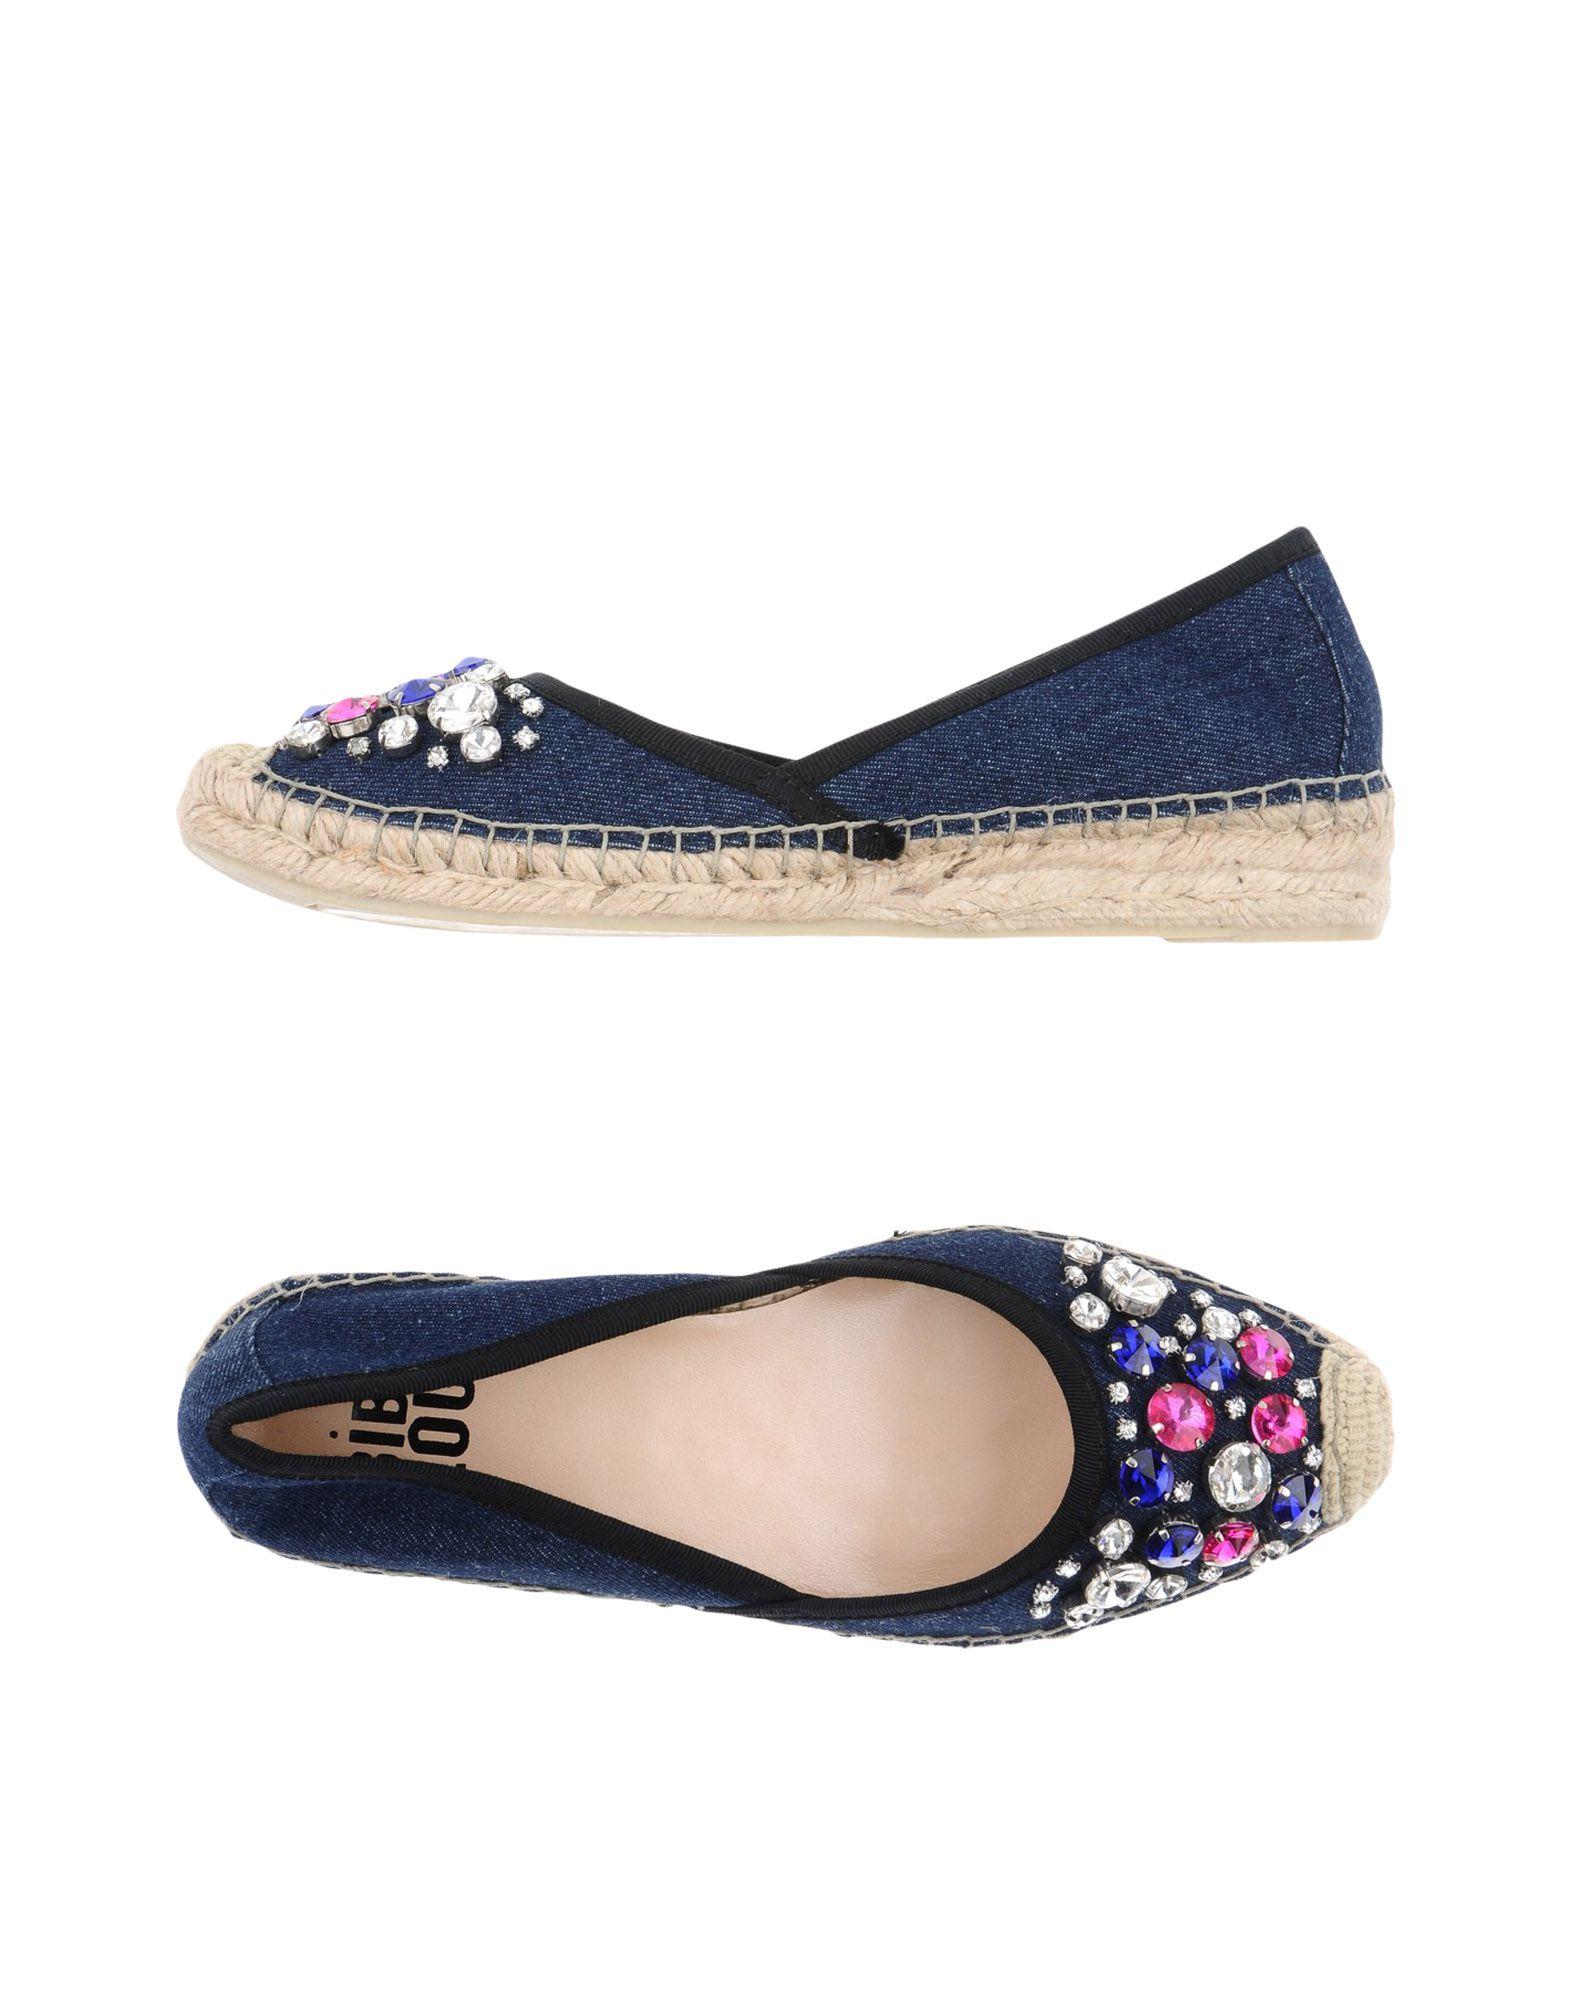 Bibi Lou Ballerinas Damen  11346190QG Gute Qualität beliebte Schuhe